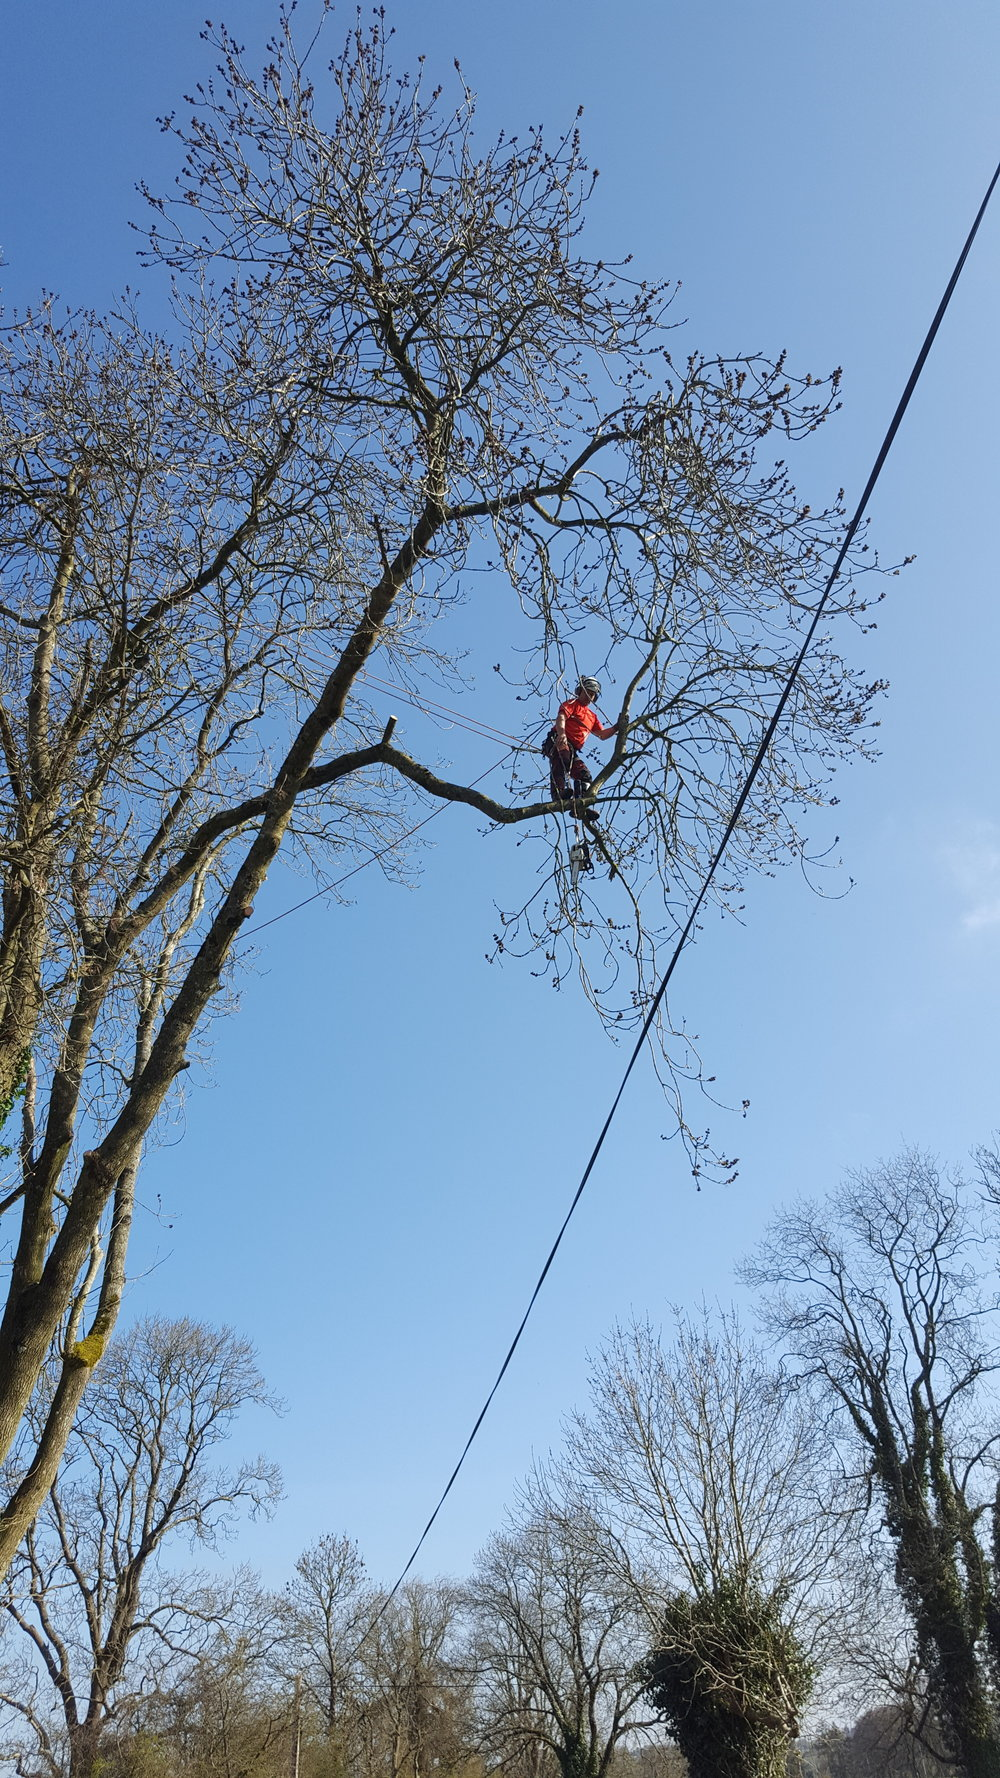 Karl climbing